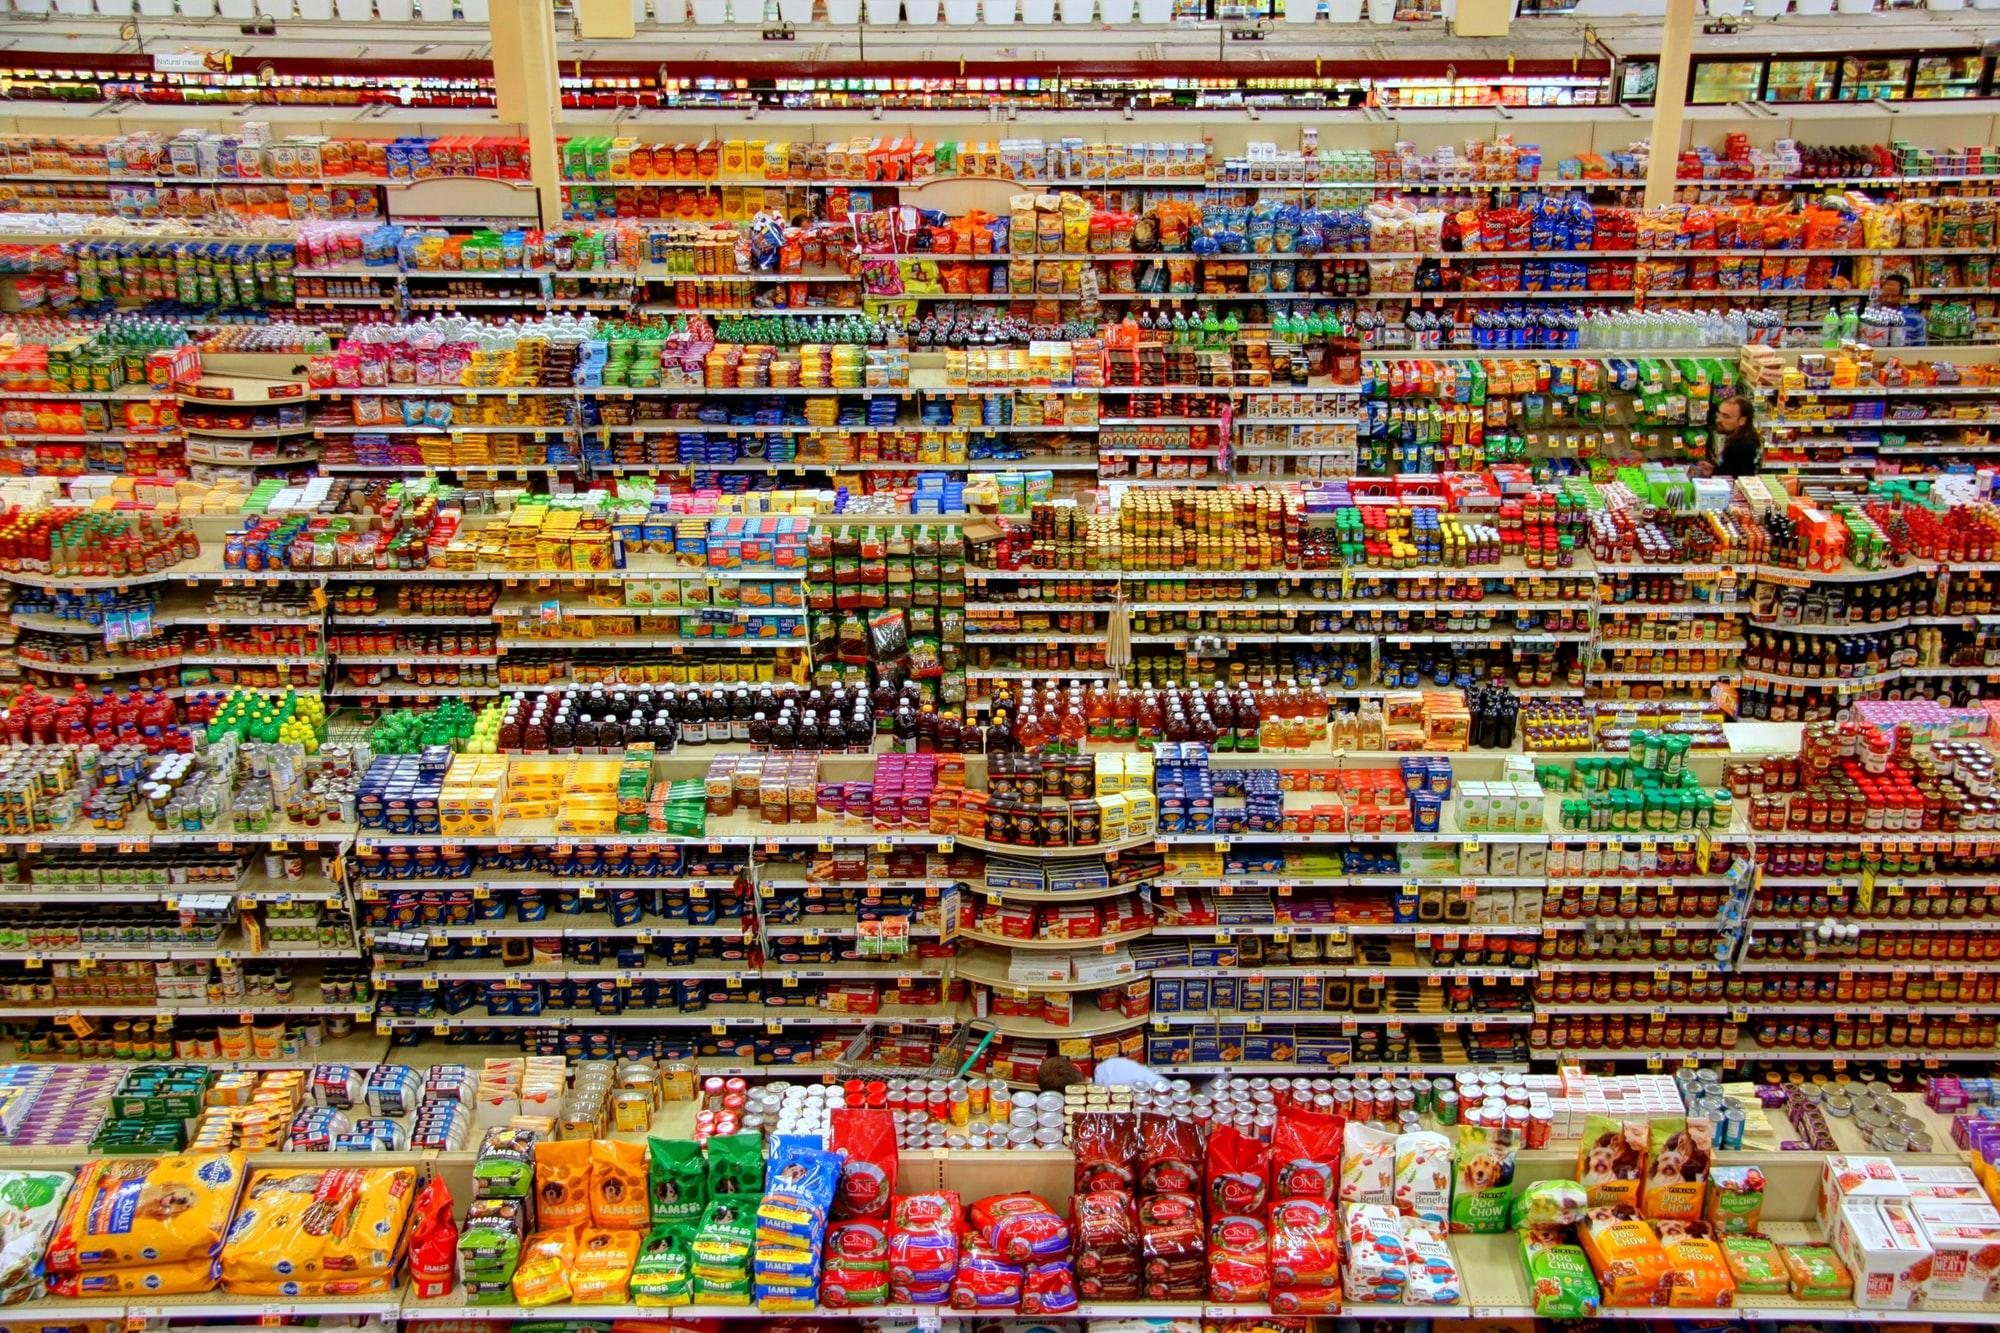 Vấn đề tắc nghẽn chuỗi cung ứng, vận chuyển khó khăn khiến các nhà bán lẻ đang ra sức tích trữ hàng tồn kho. Ảnh: Unsplash